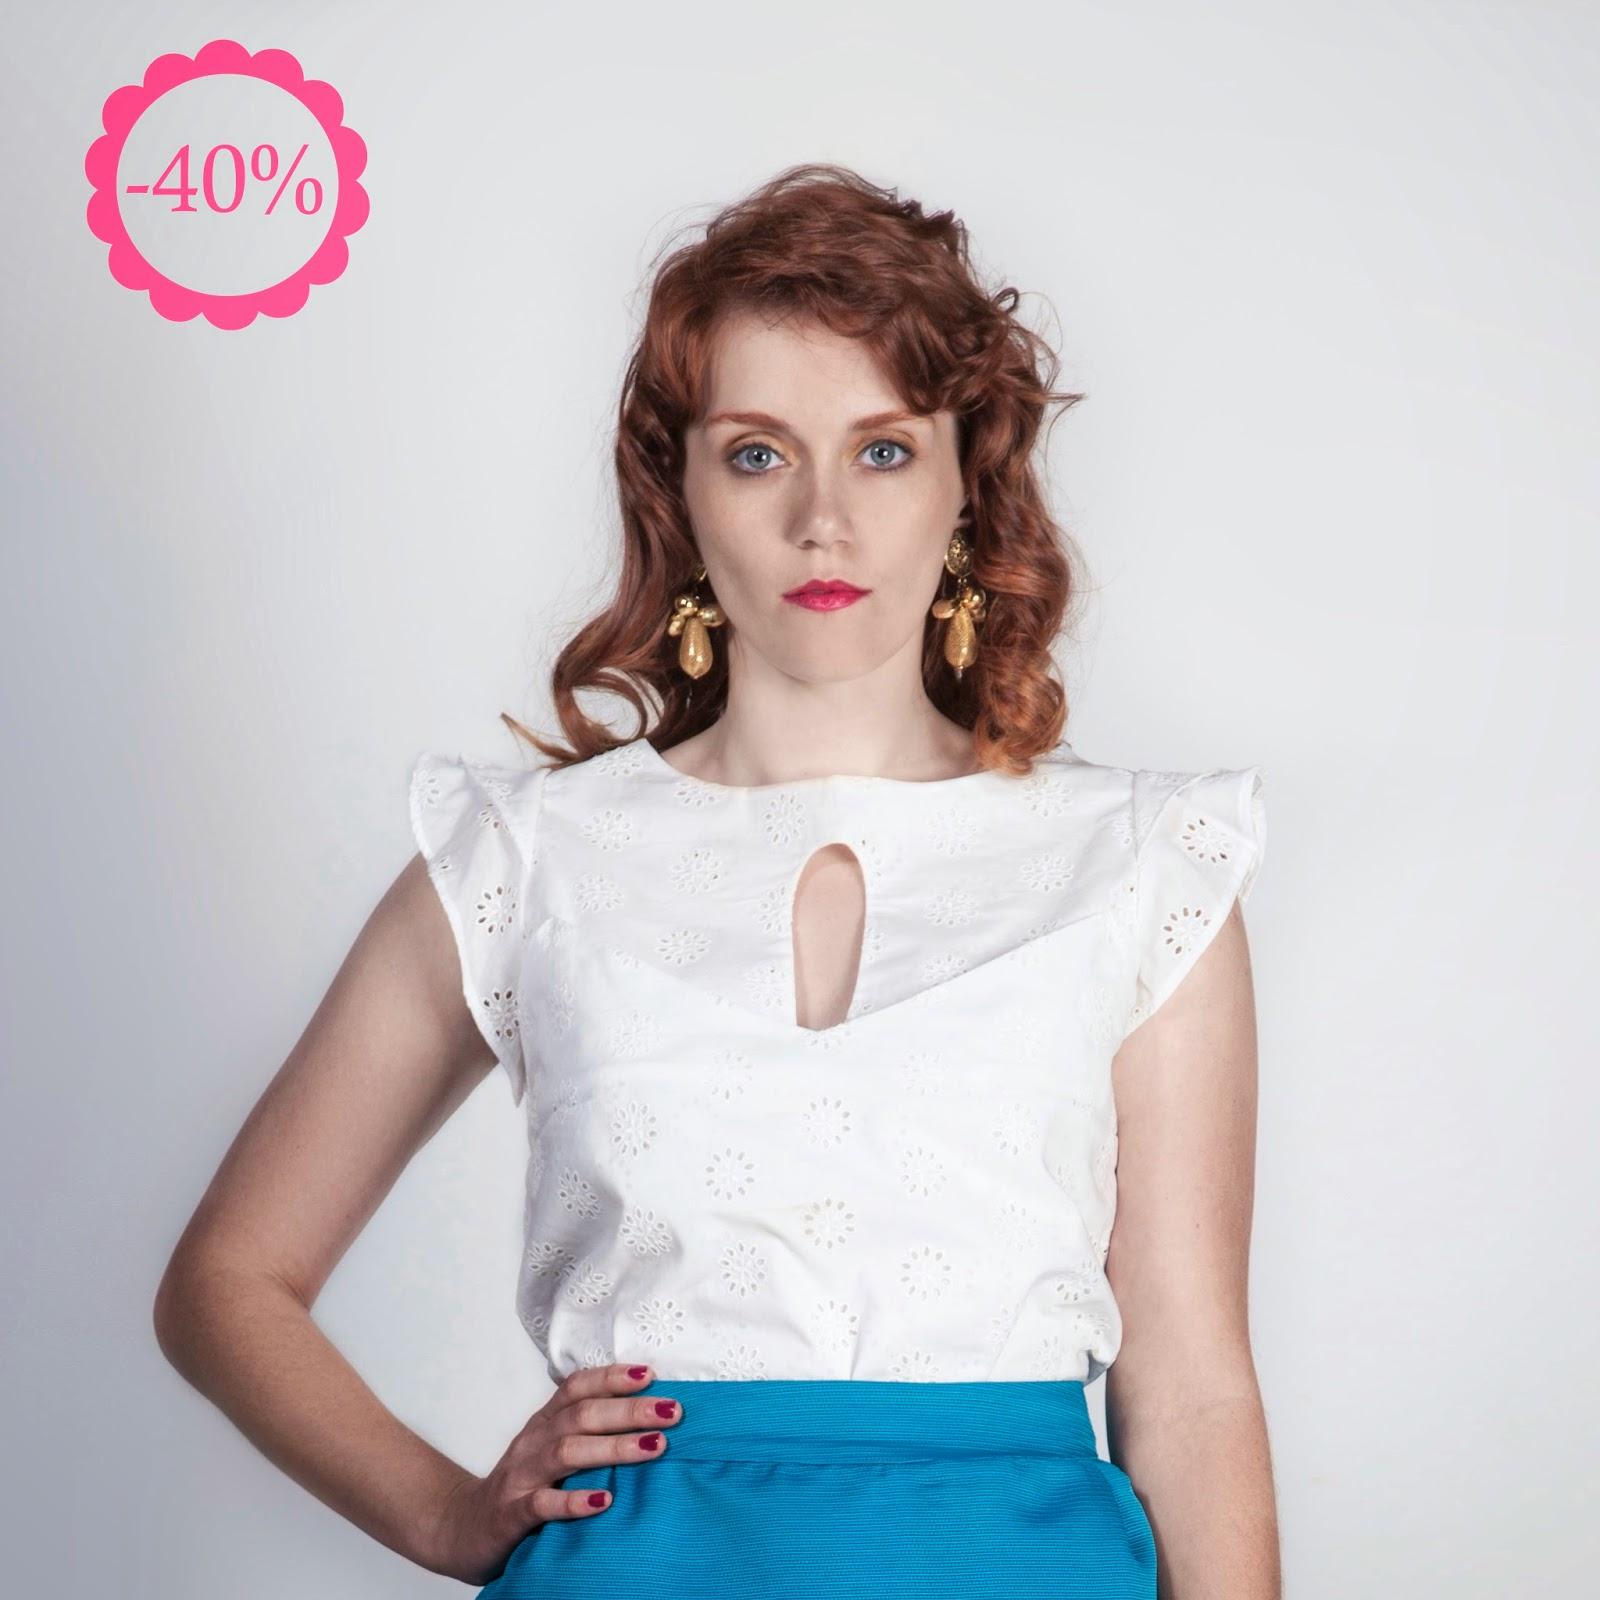 Blusa 100% algodón, La Böcöque, Verano, tienda online, ropa, made in spain